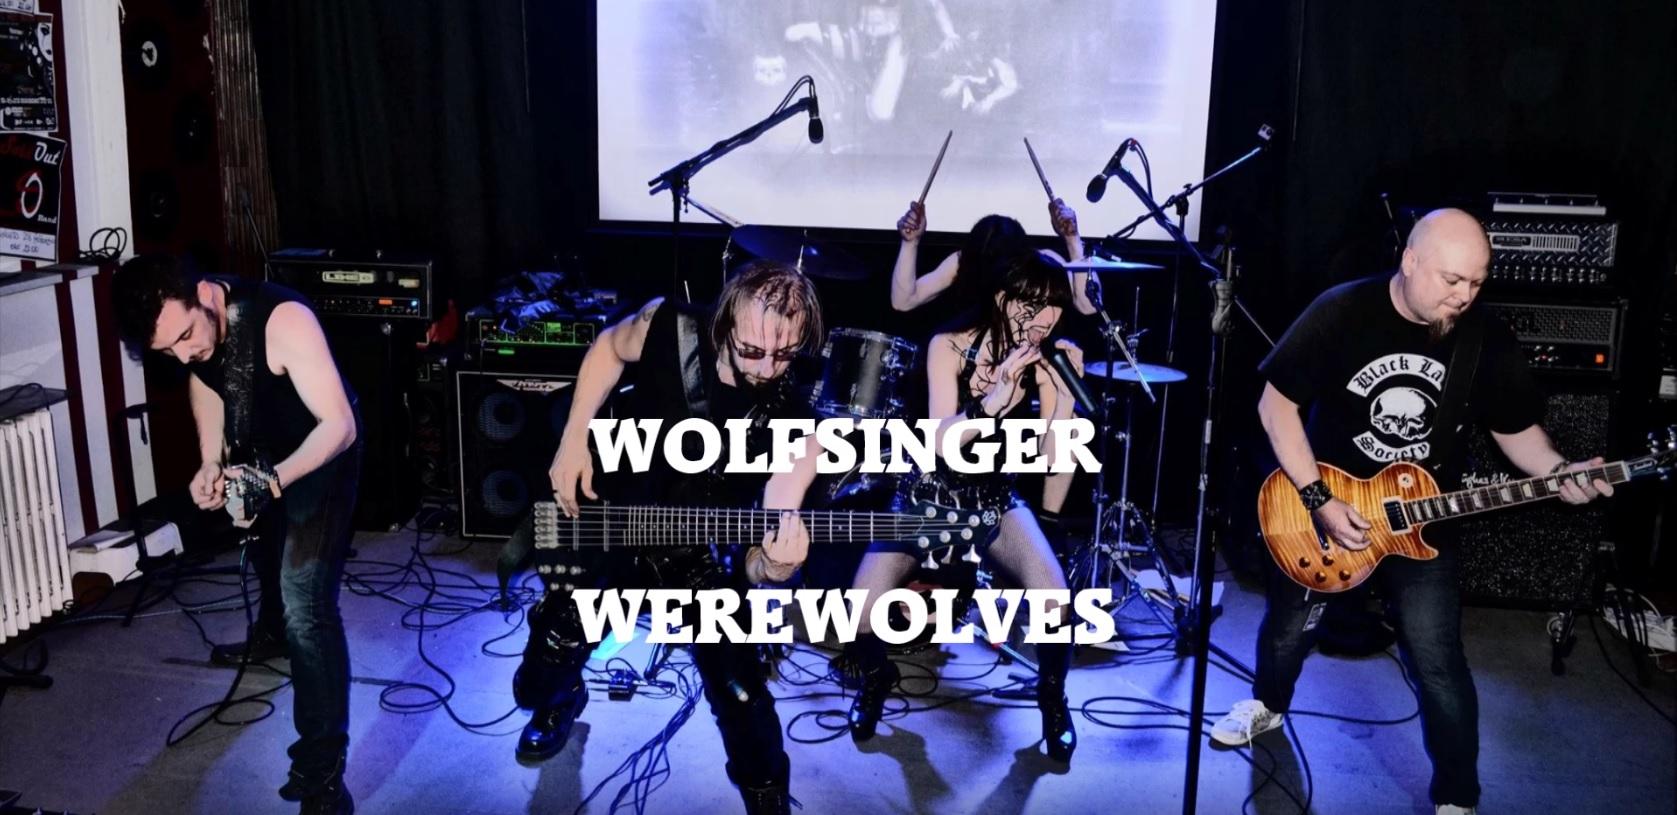 wolfsinger werewolves